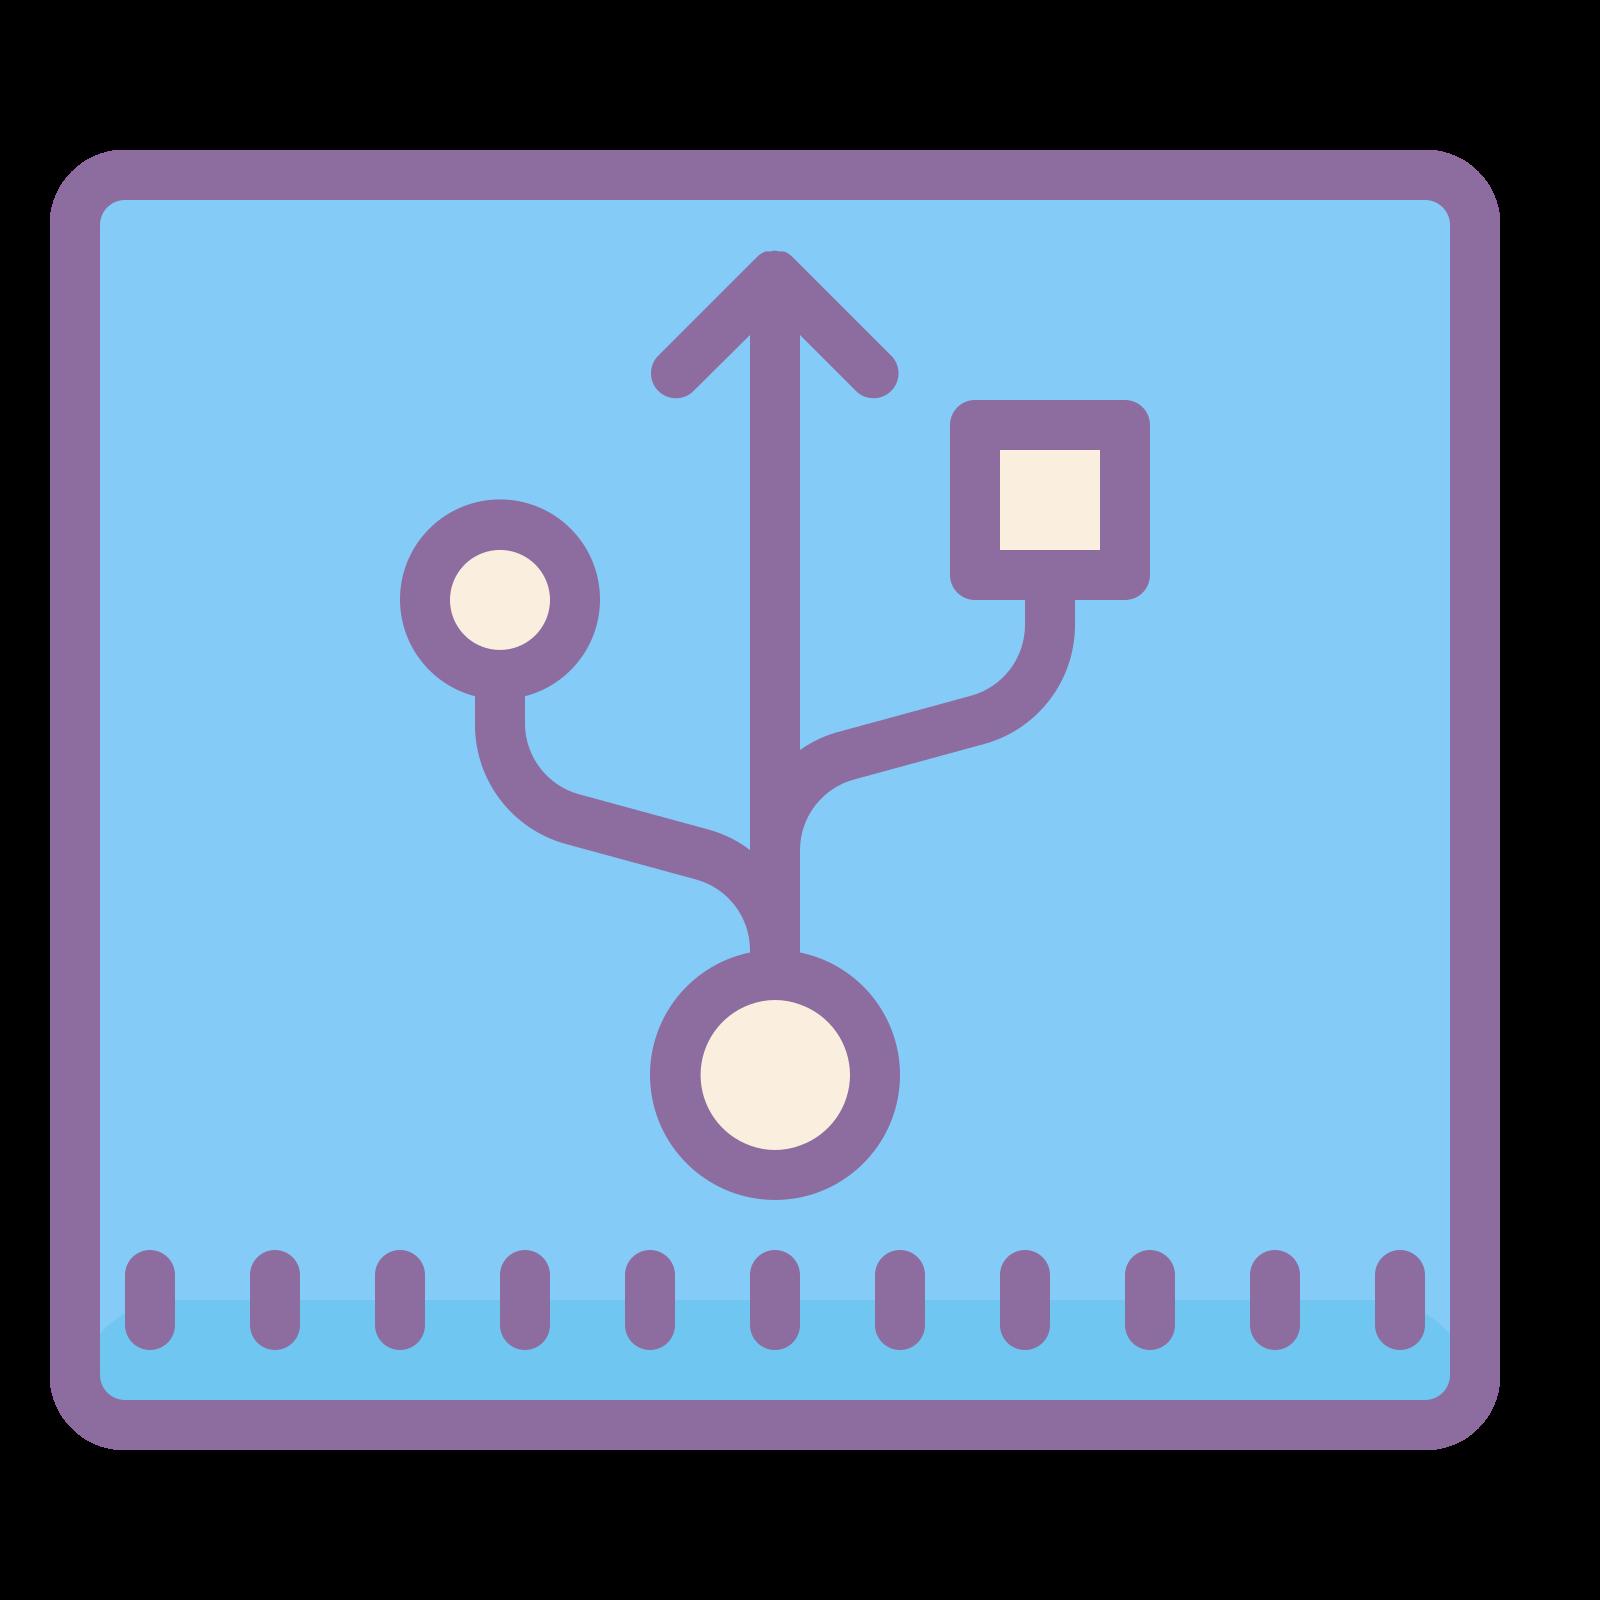 Złącze USB icon